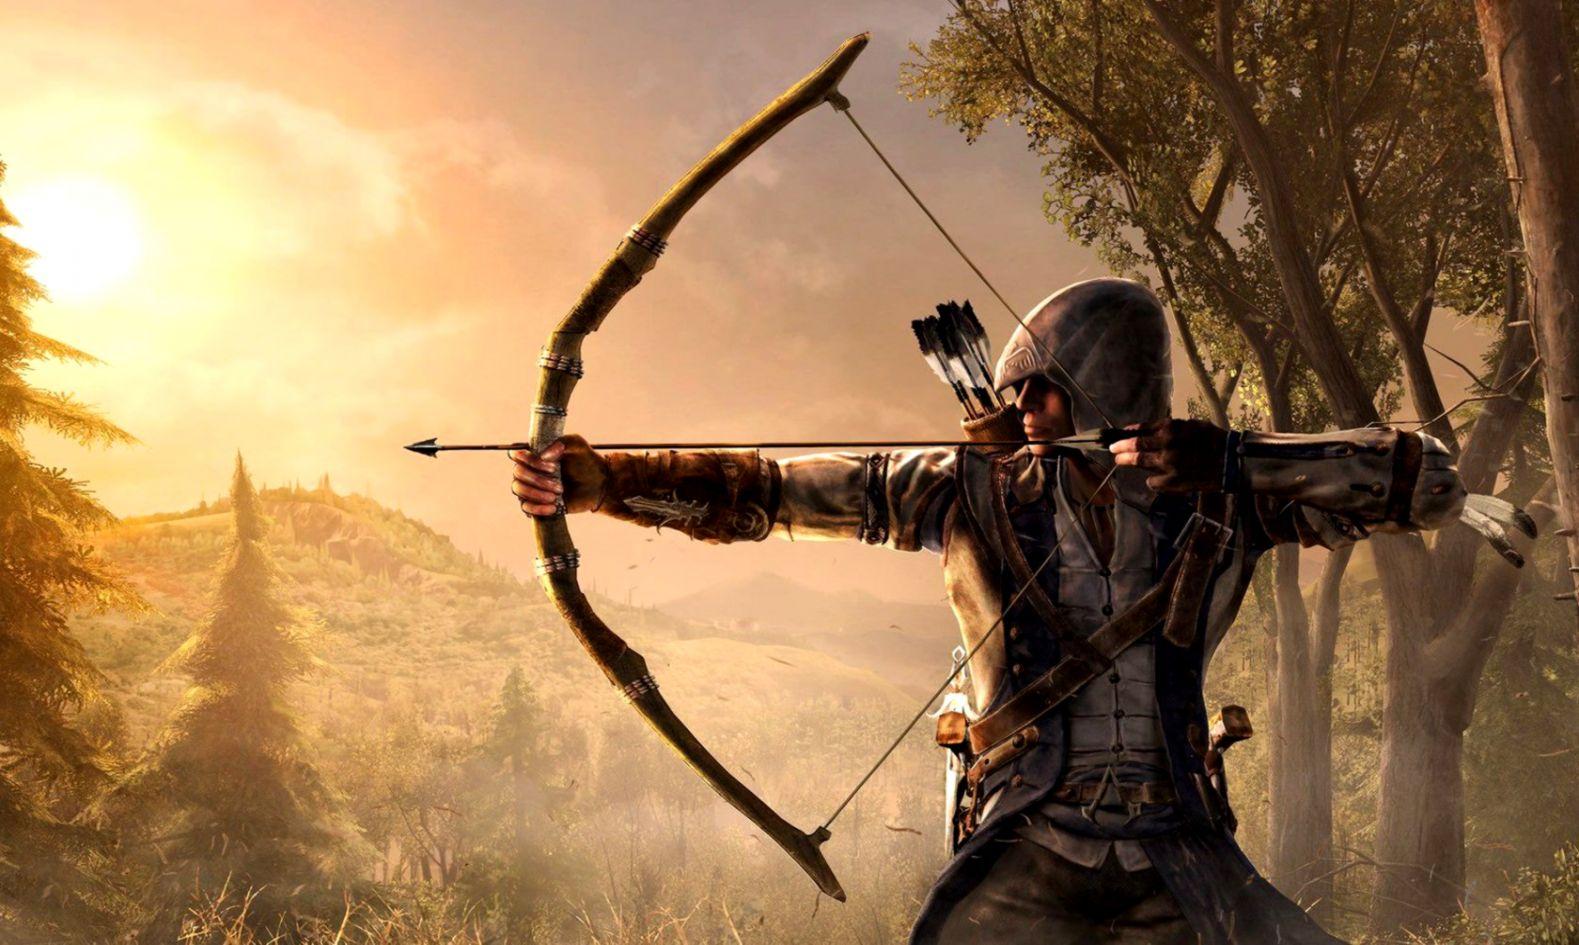 Assassins Creed Archer Wallpaper